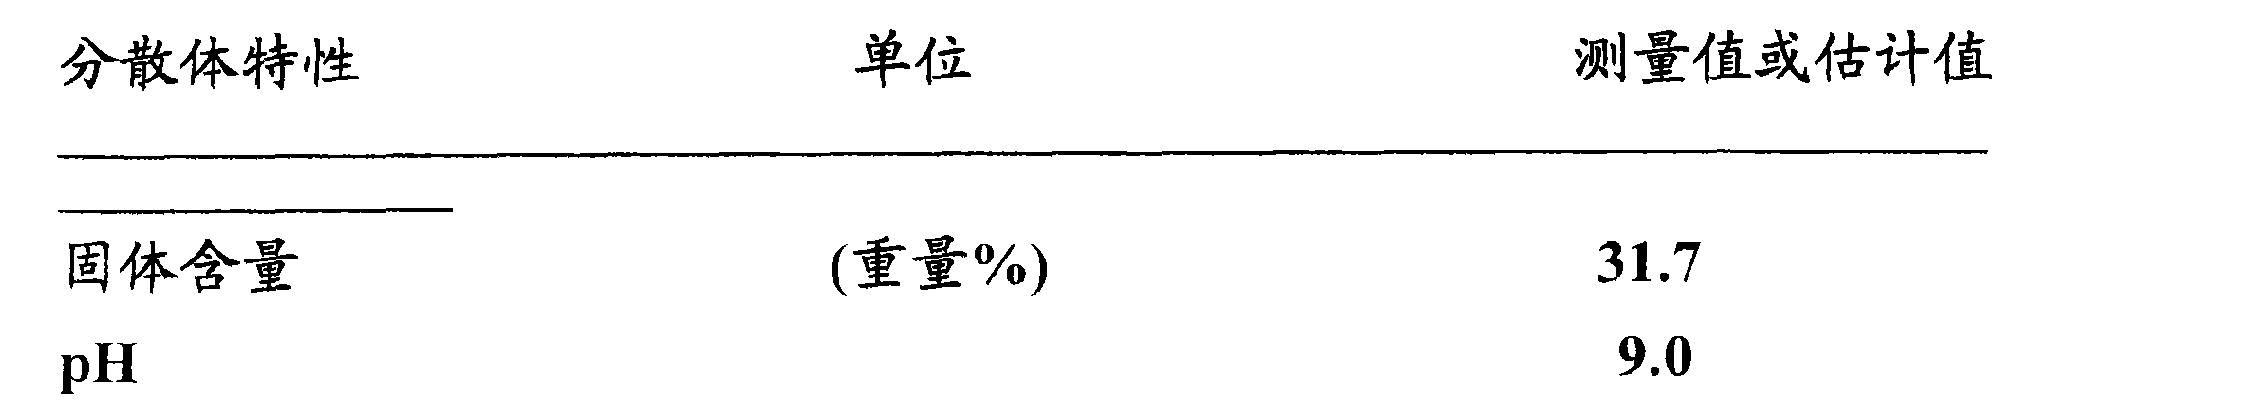 Figure CN101778870BD00291